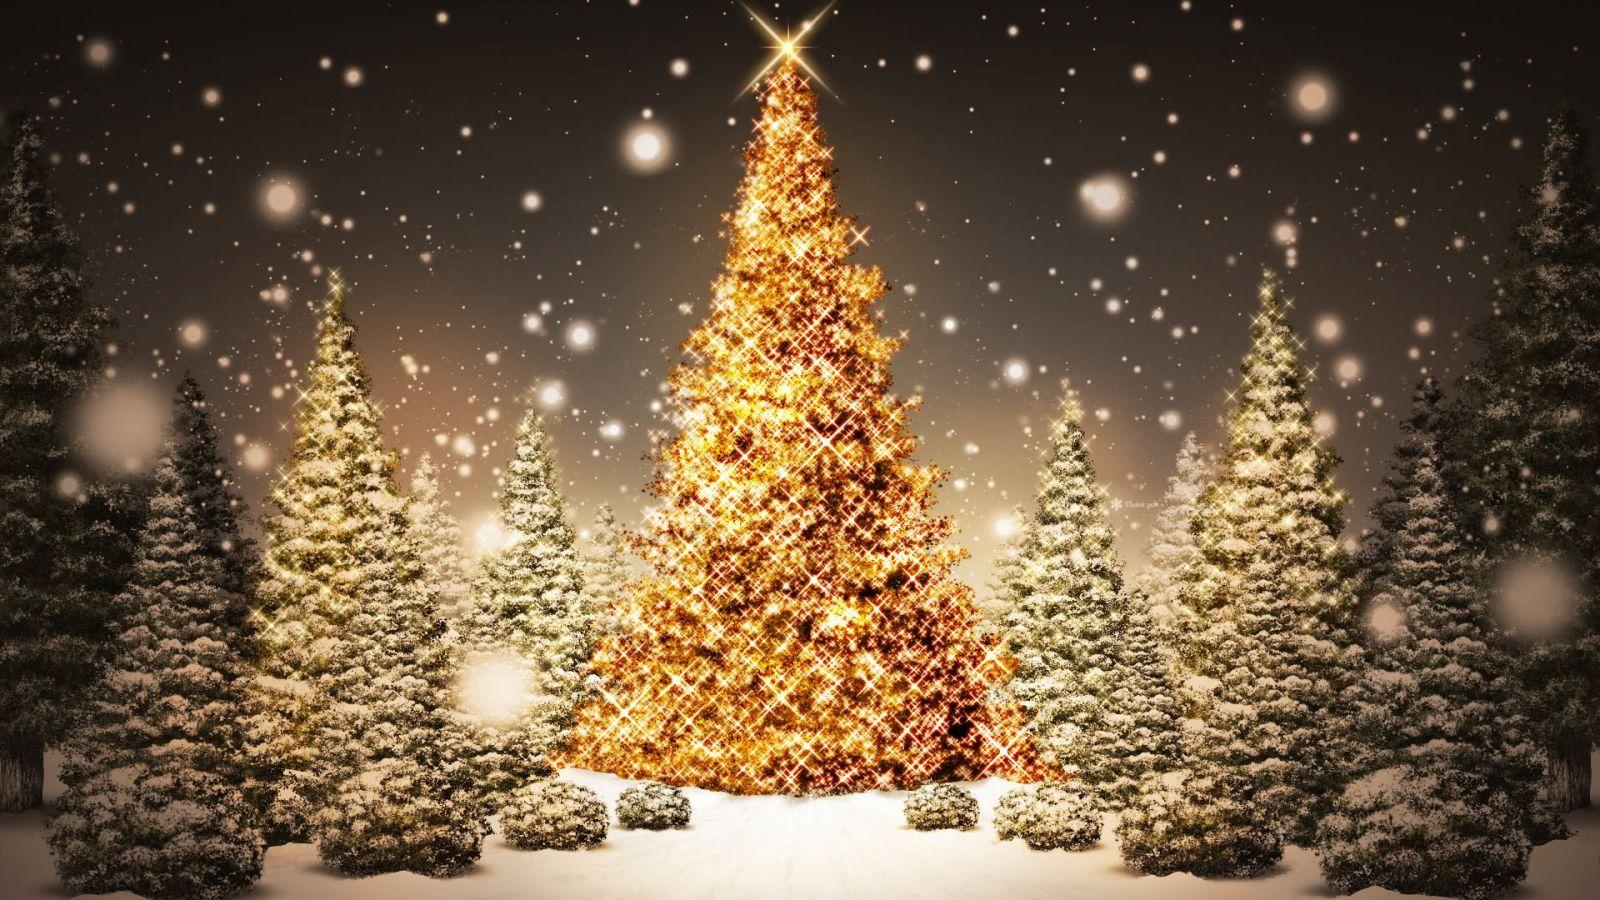 تورهای کریسمس ۲۰۱۸